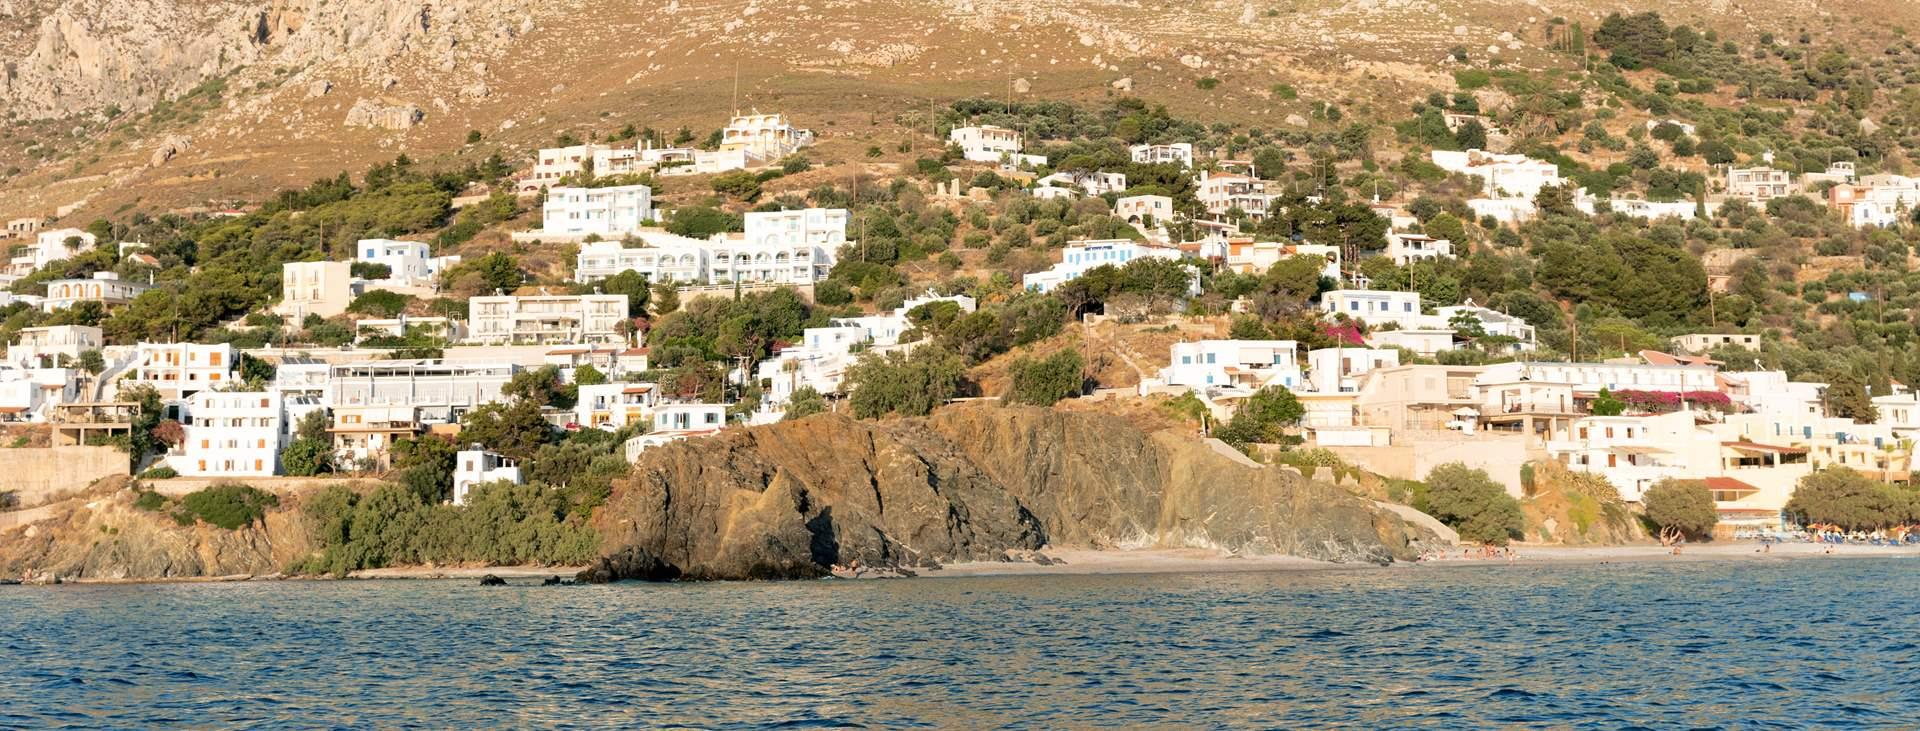 Bestill en reise til den greske øya Kalymnos